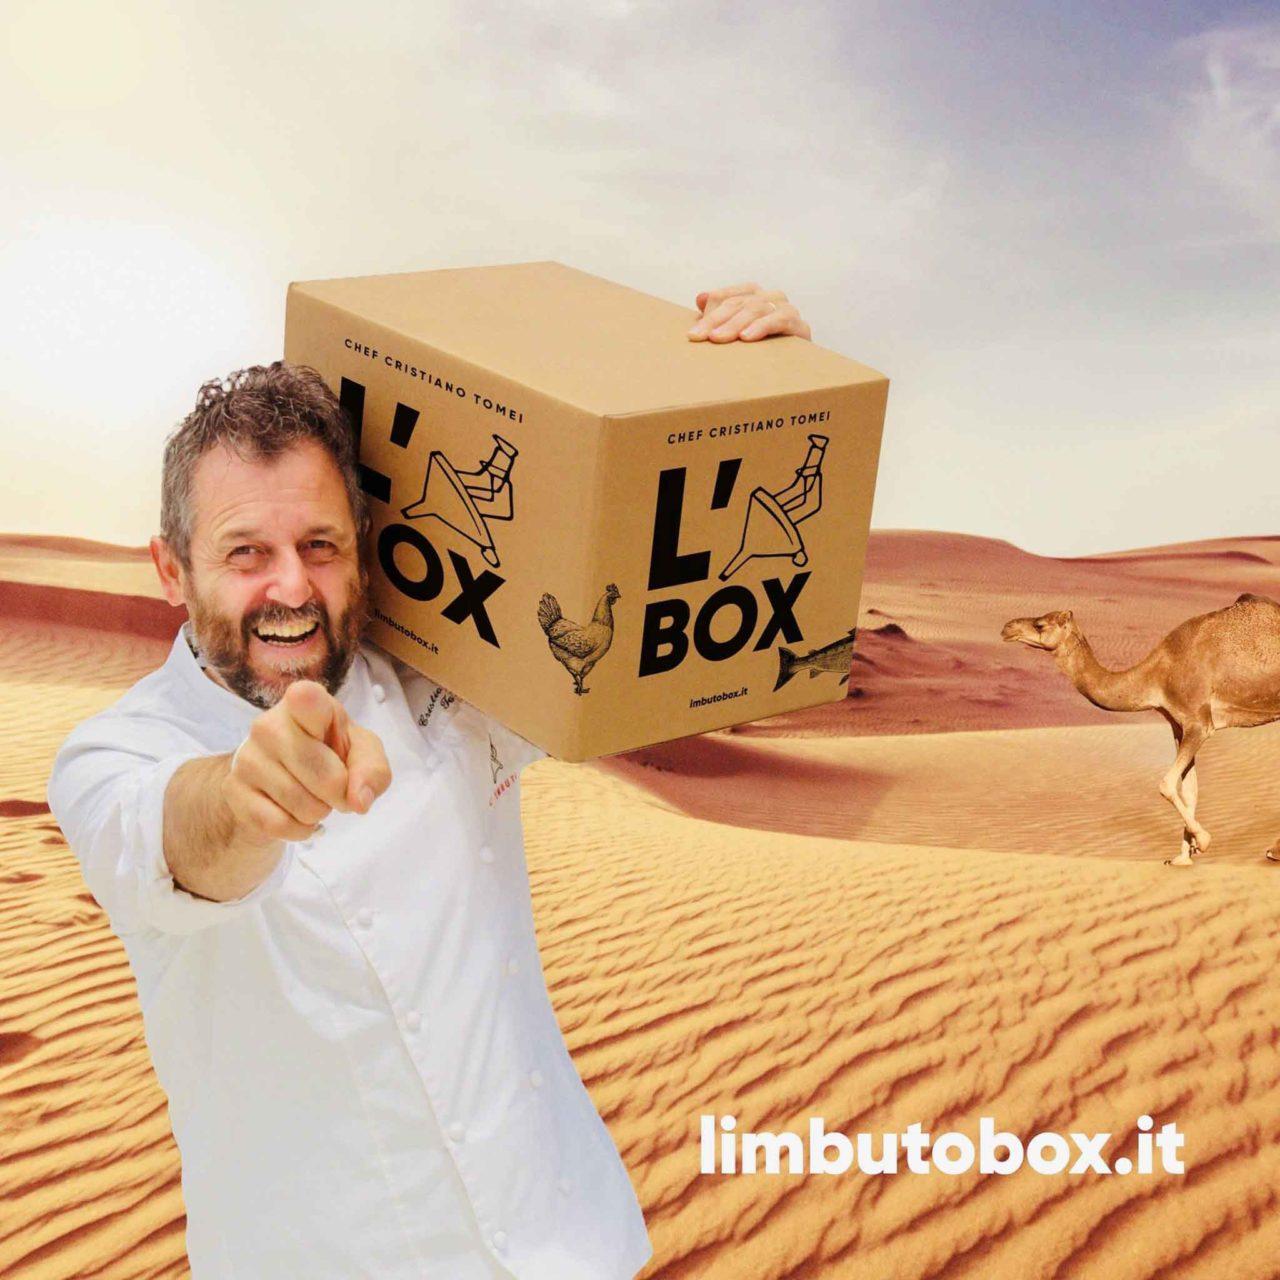 Cristiano Tomei e a il box a domicilio del ristorante stella Michelin L'Imbuto